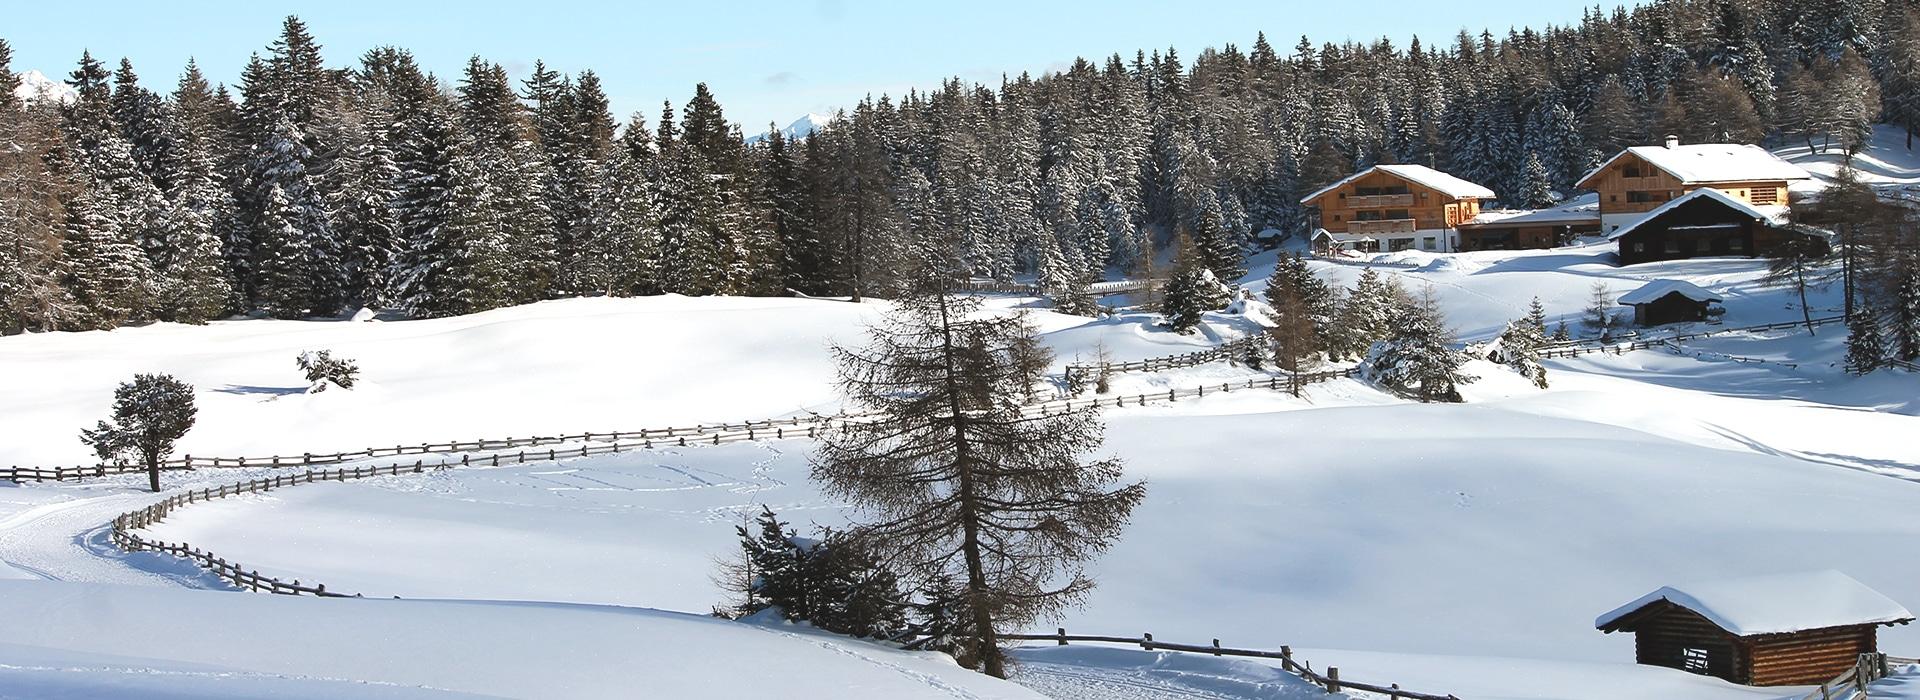 Roneralm – Rodeneckeralm - Rodeneck - Almen in Südtirol – Winterwandern Eisacktal - I mog Südtirol – Wandern in Südtirol